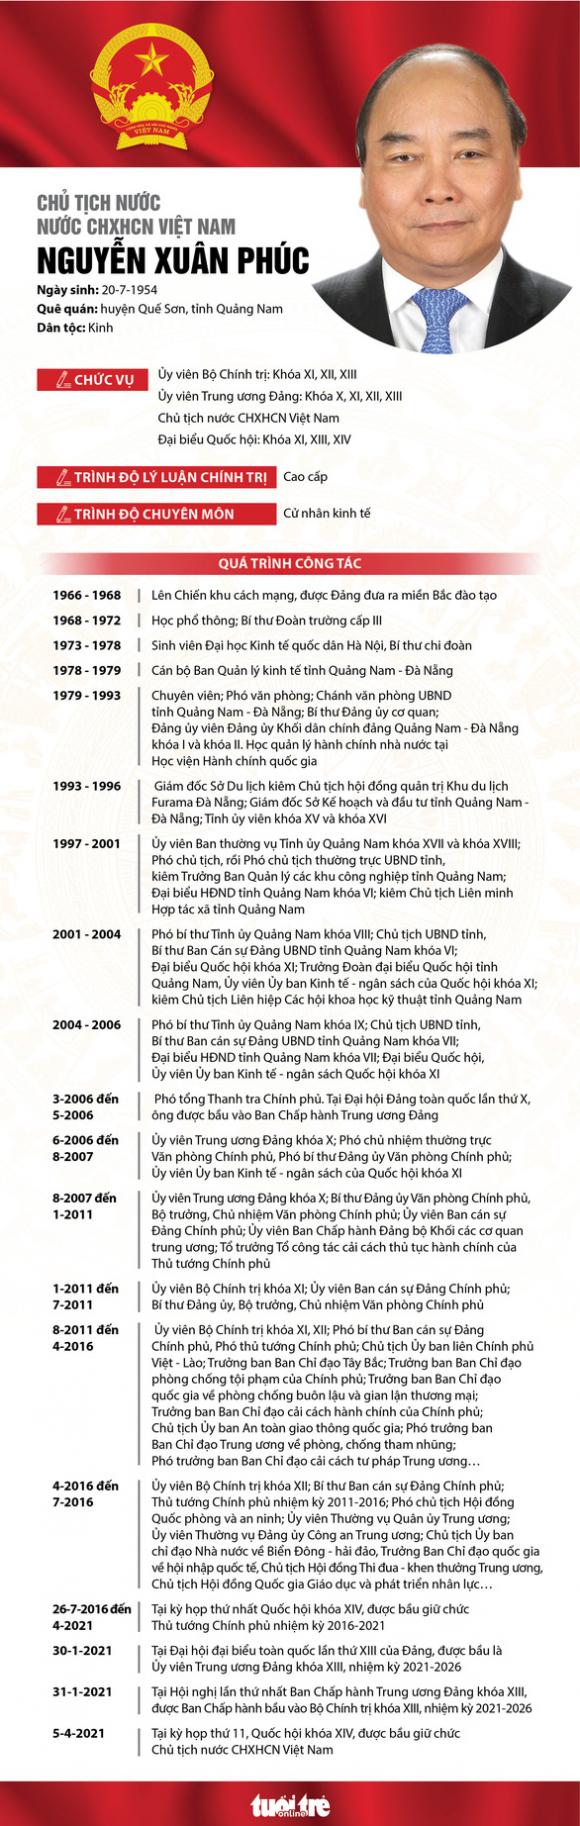 Ông Nguyễn Xuân Phúc trở thành tân Chủ tịch nước - Ảnh 2.